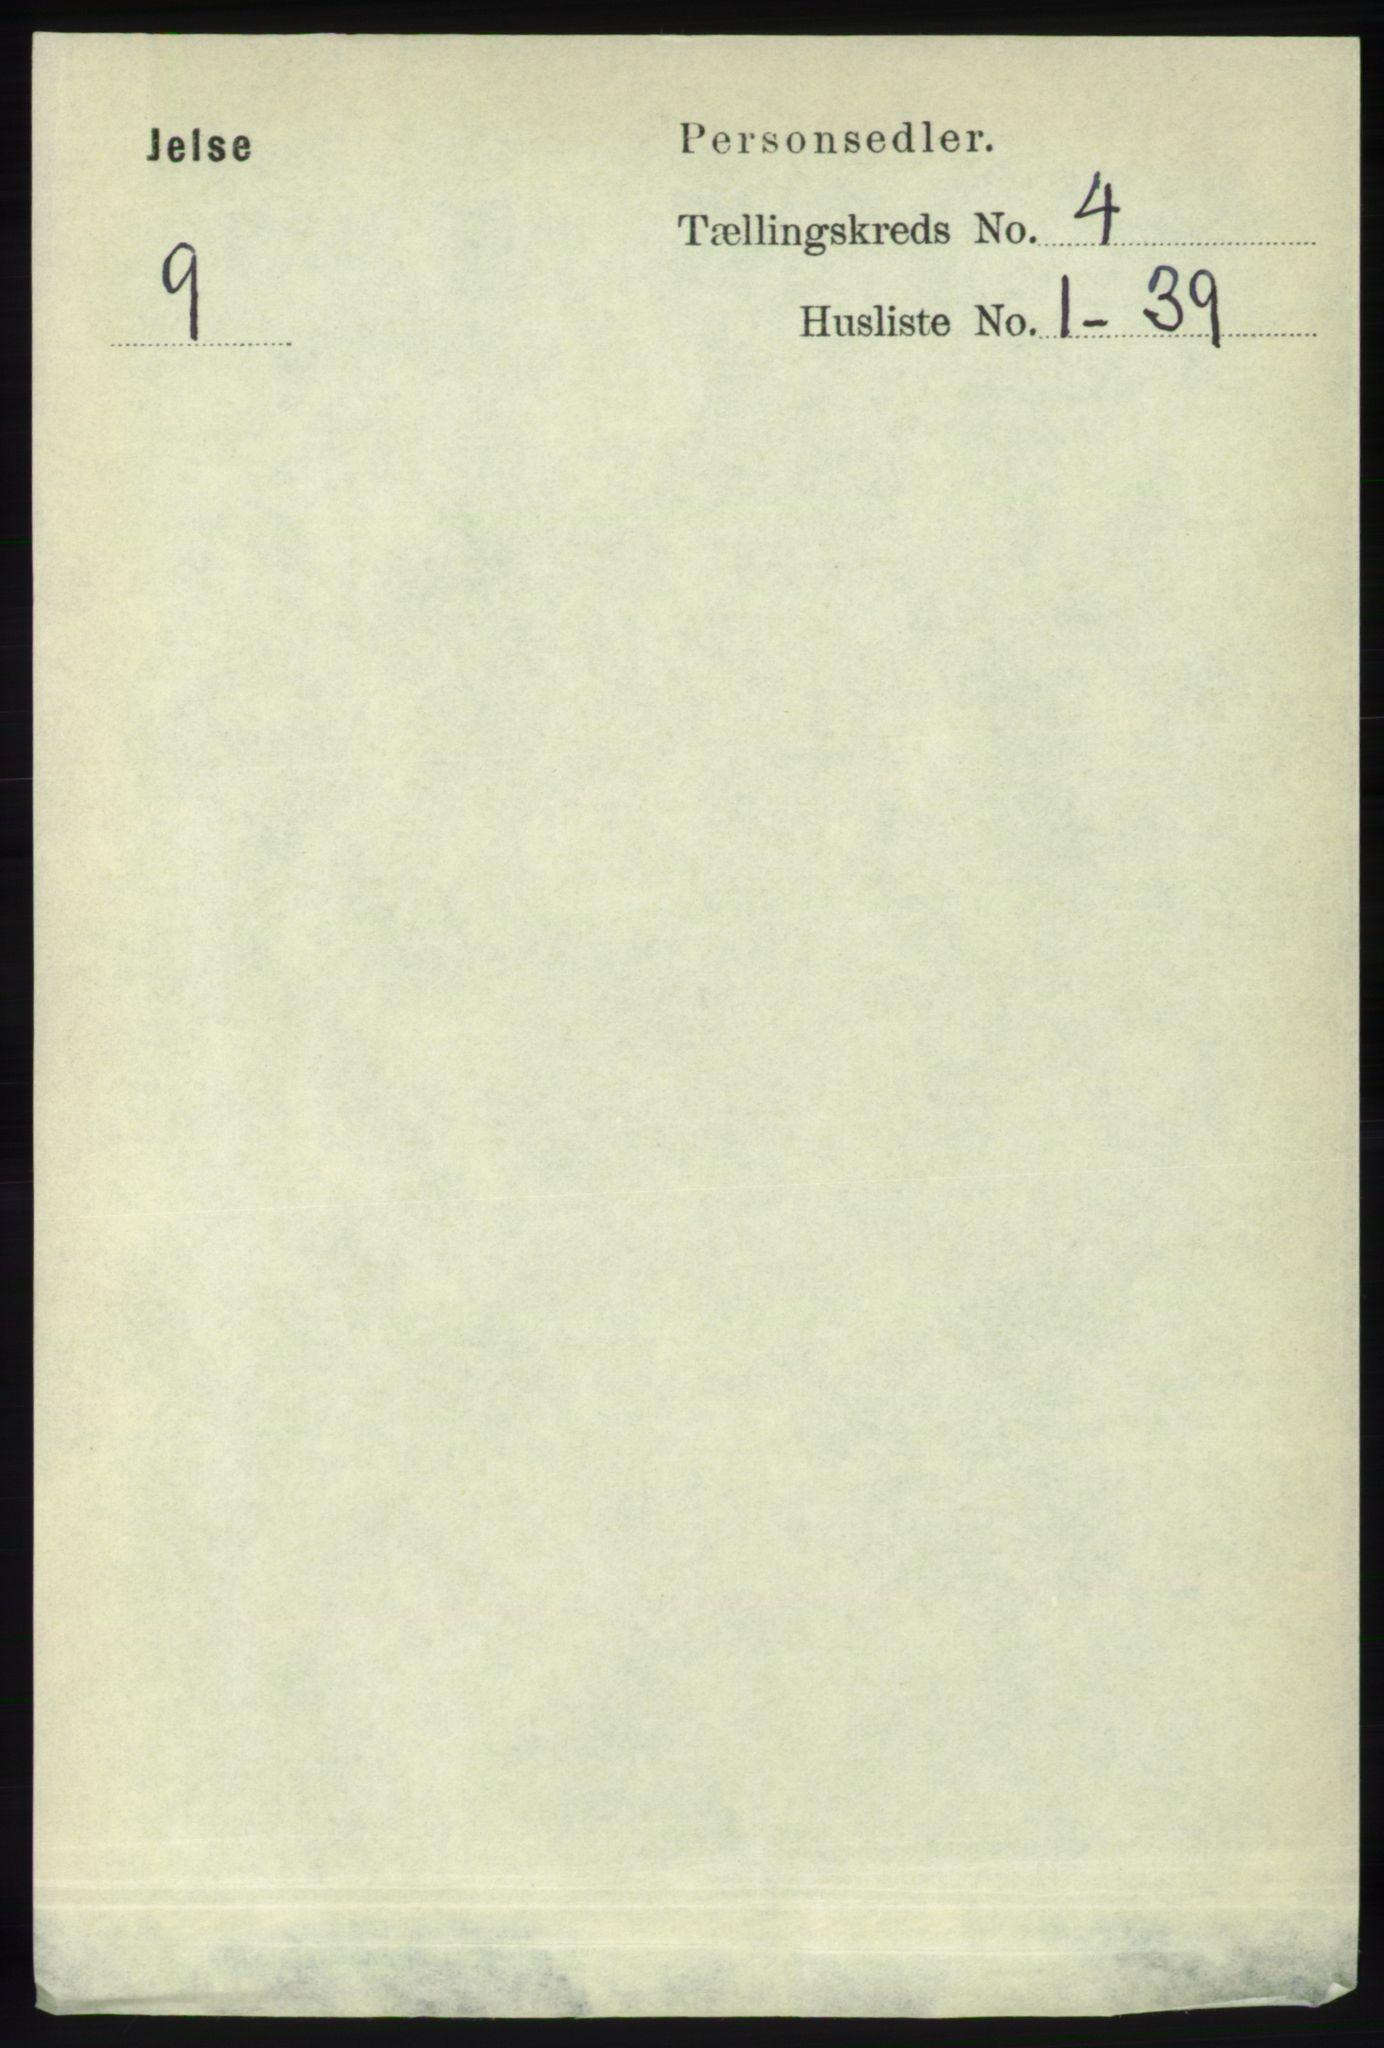 RA, Folketelling 1891 for 1138 Jelsa herred, 1891, s. 706